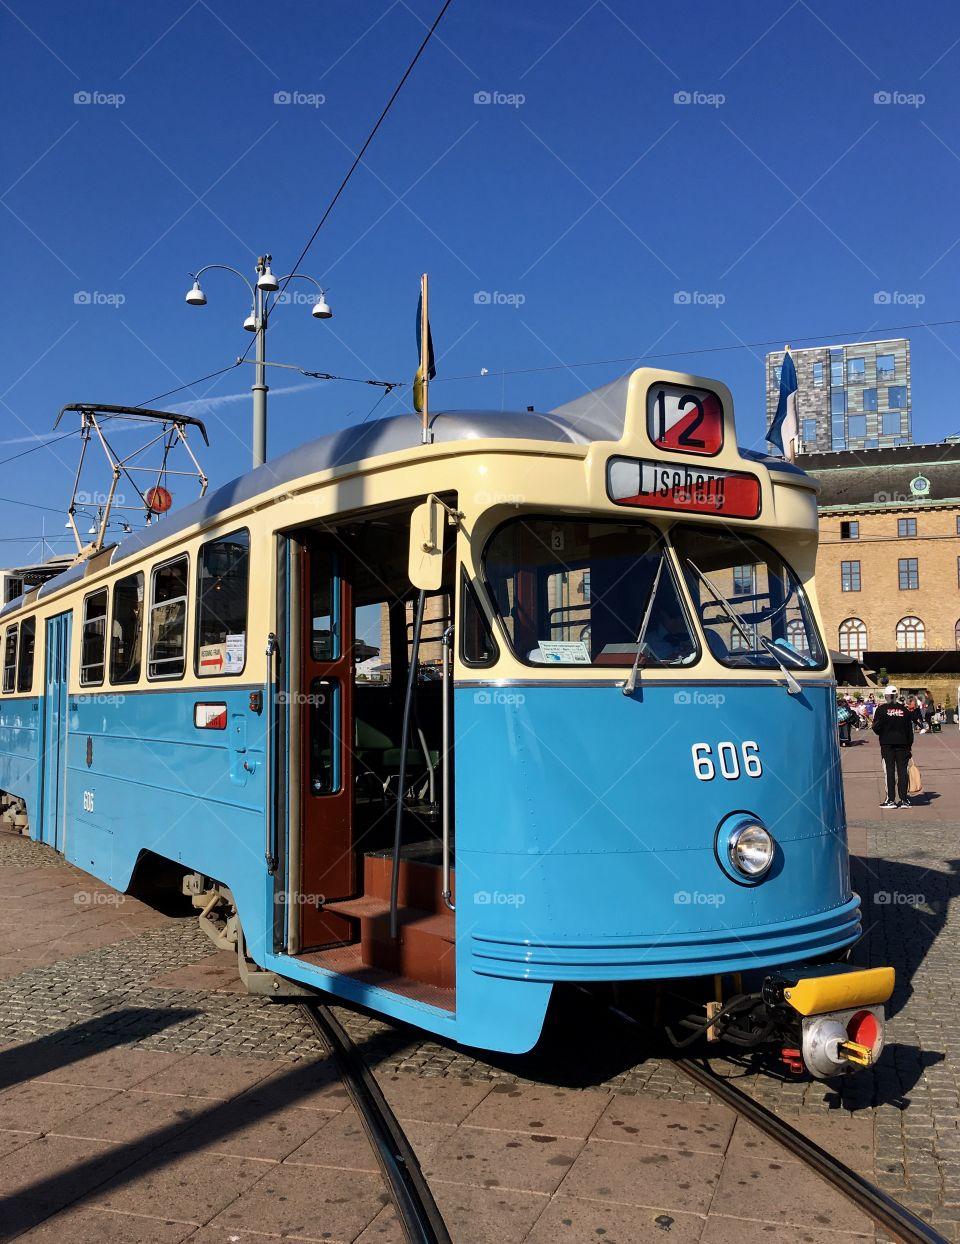 Tram in Gothenburg, Sweden.